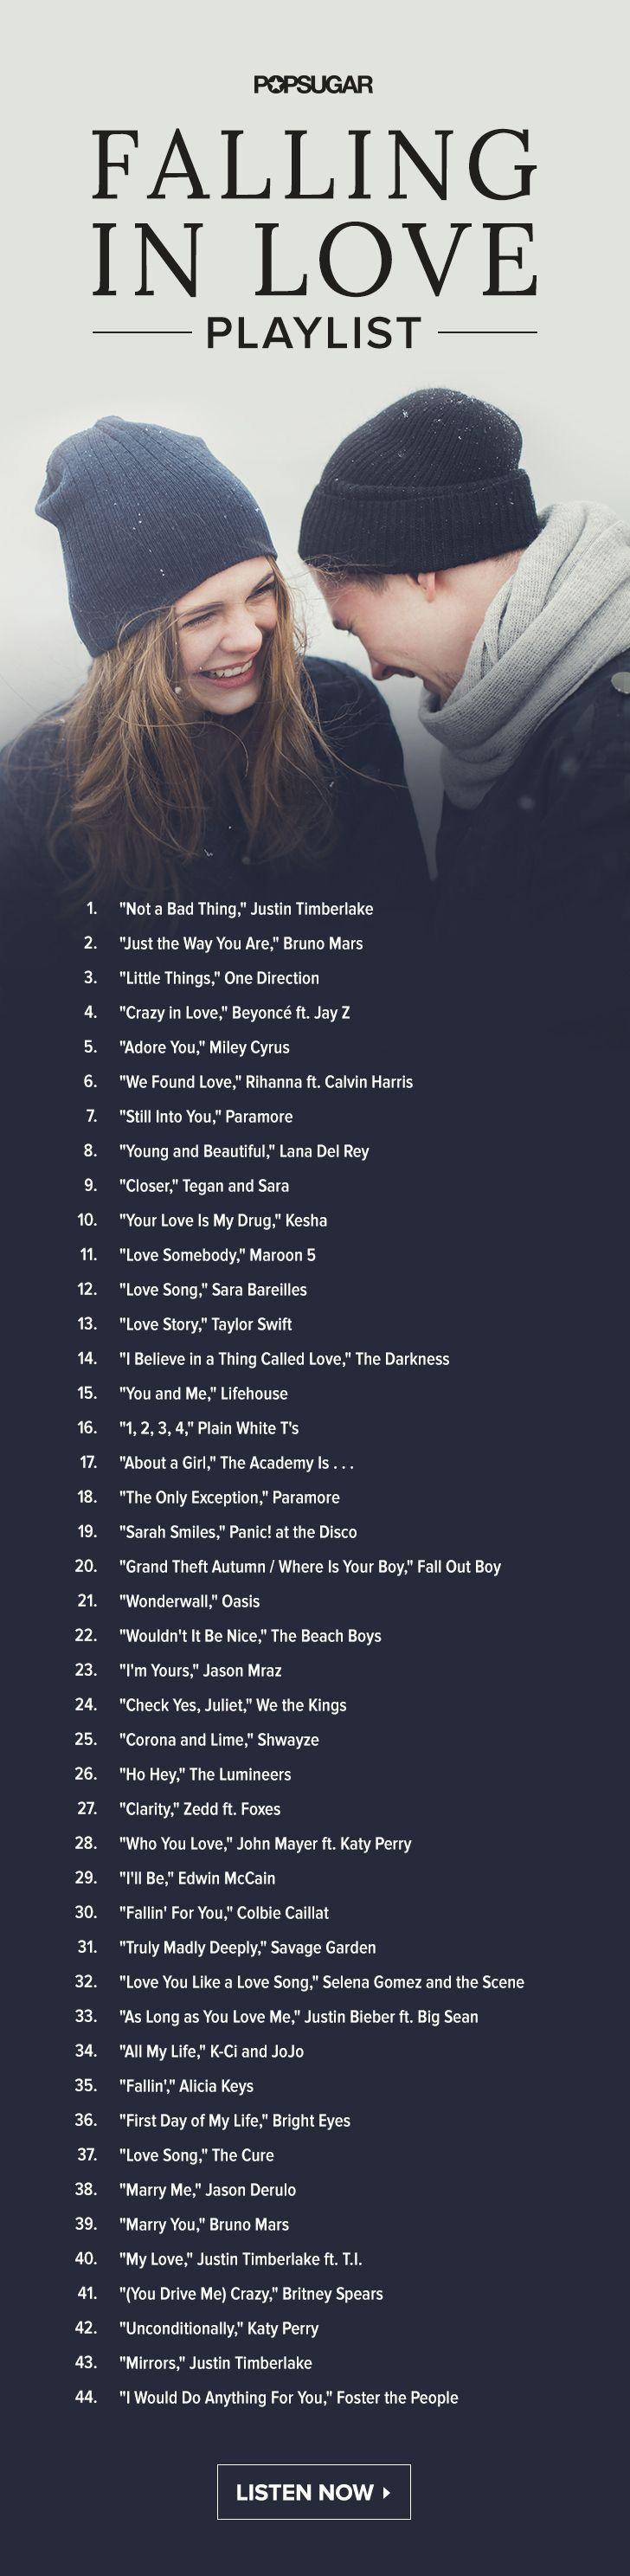 Falling in Love Playlist | wedding ideas | Pinterest | Playlists ...